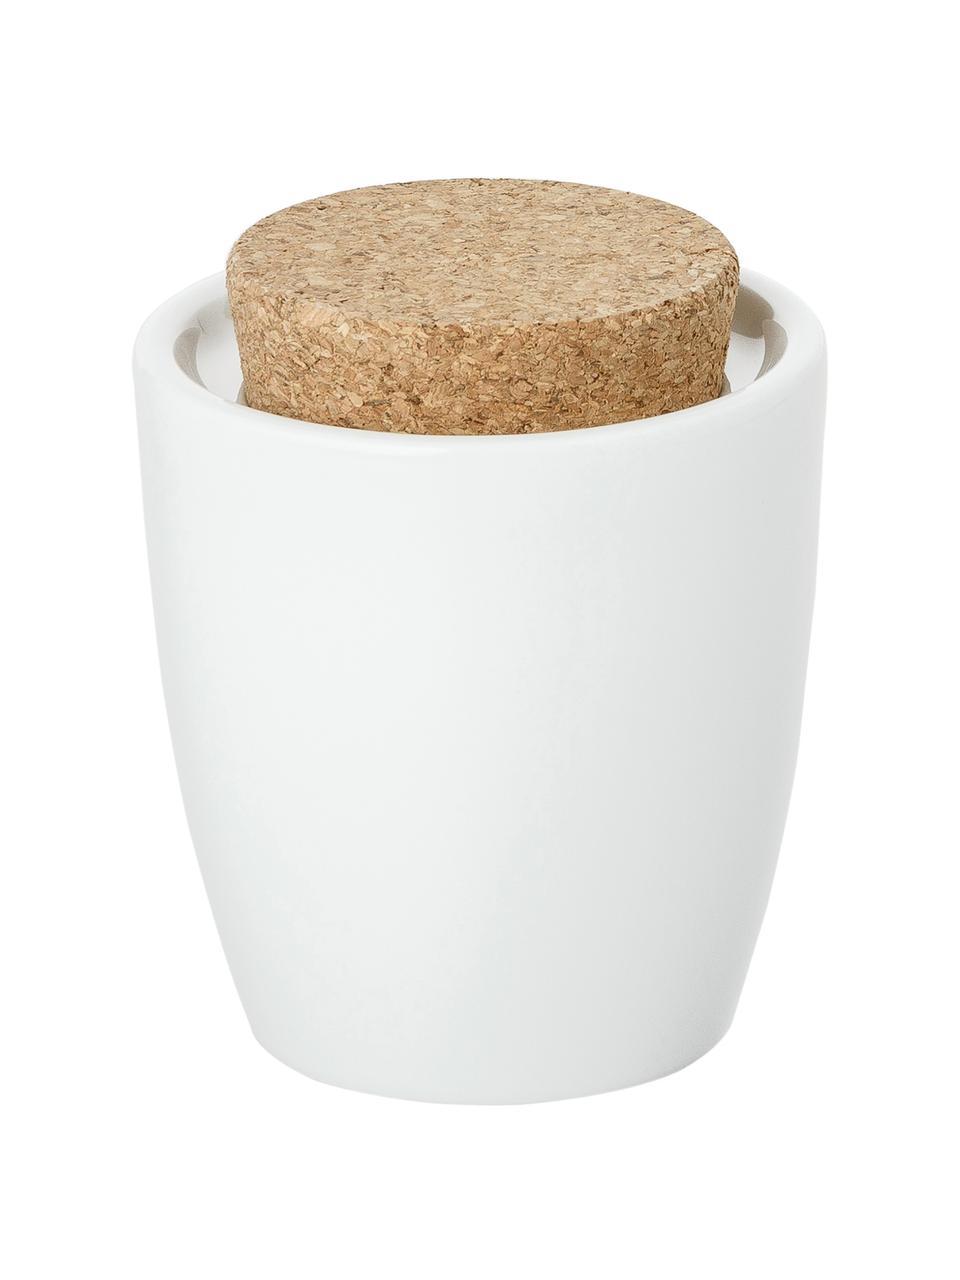 Zuckerdose Artesano Original aus Porzellan mit Korkdeckel, Porzellan, Kork, Weiß, 300 ml